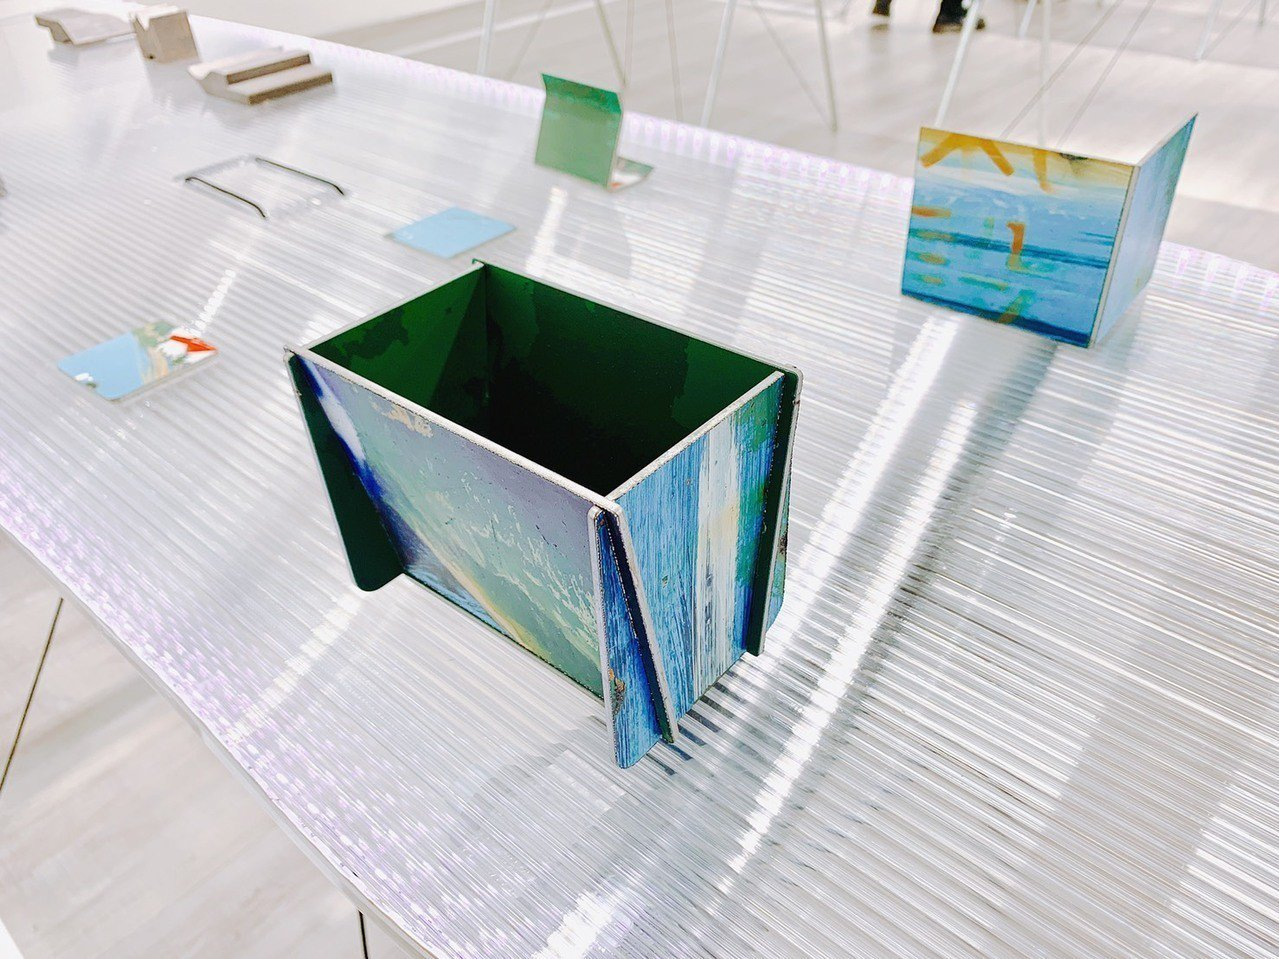 台電文創特展開幕,首次公開變電箱最新文創企畫,如廢棄變電箱裁切作為手機架、書擋、...